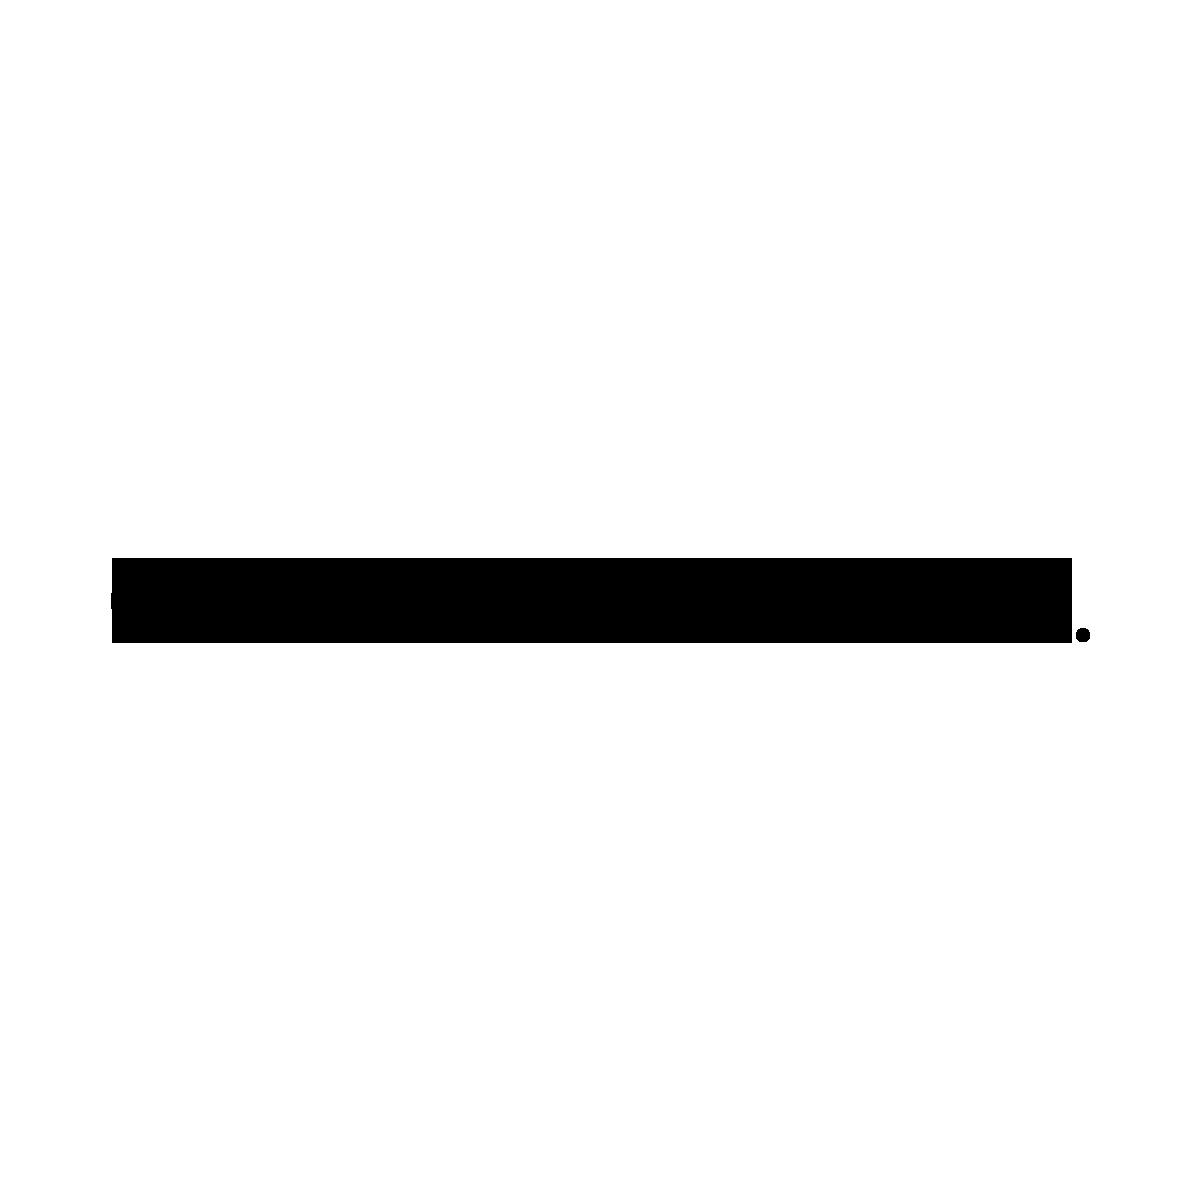 Roestbruine-suède-loafer